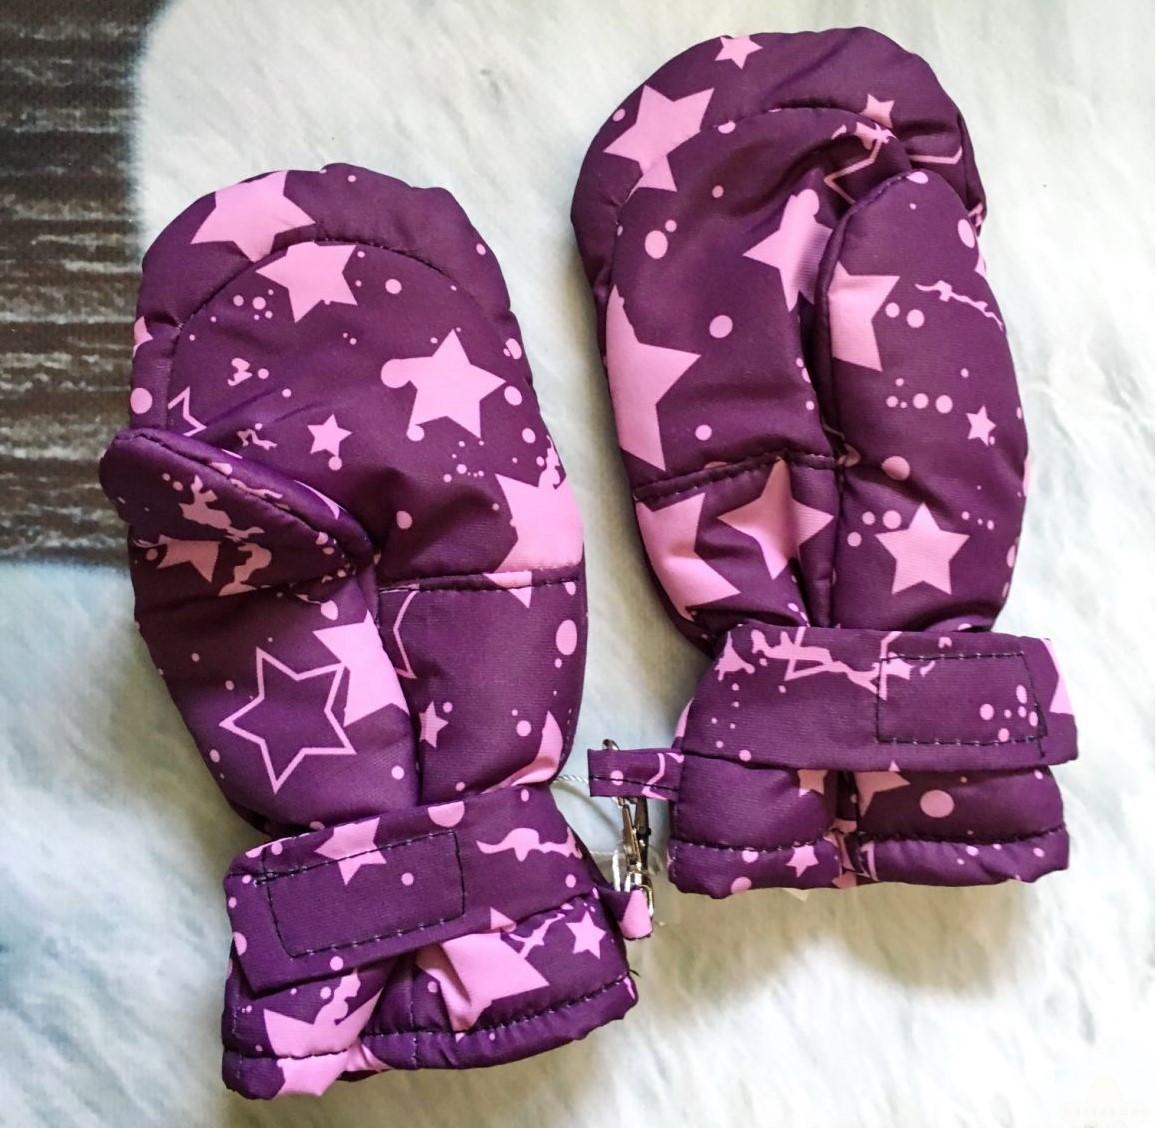 Краги для малышей фиолетовая звезда Детские зимние краги Краги зимние детские Детские краги для девочки